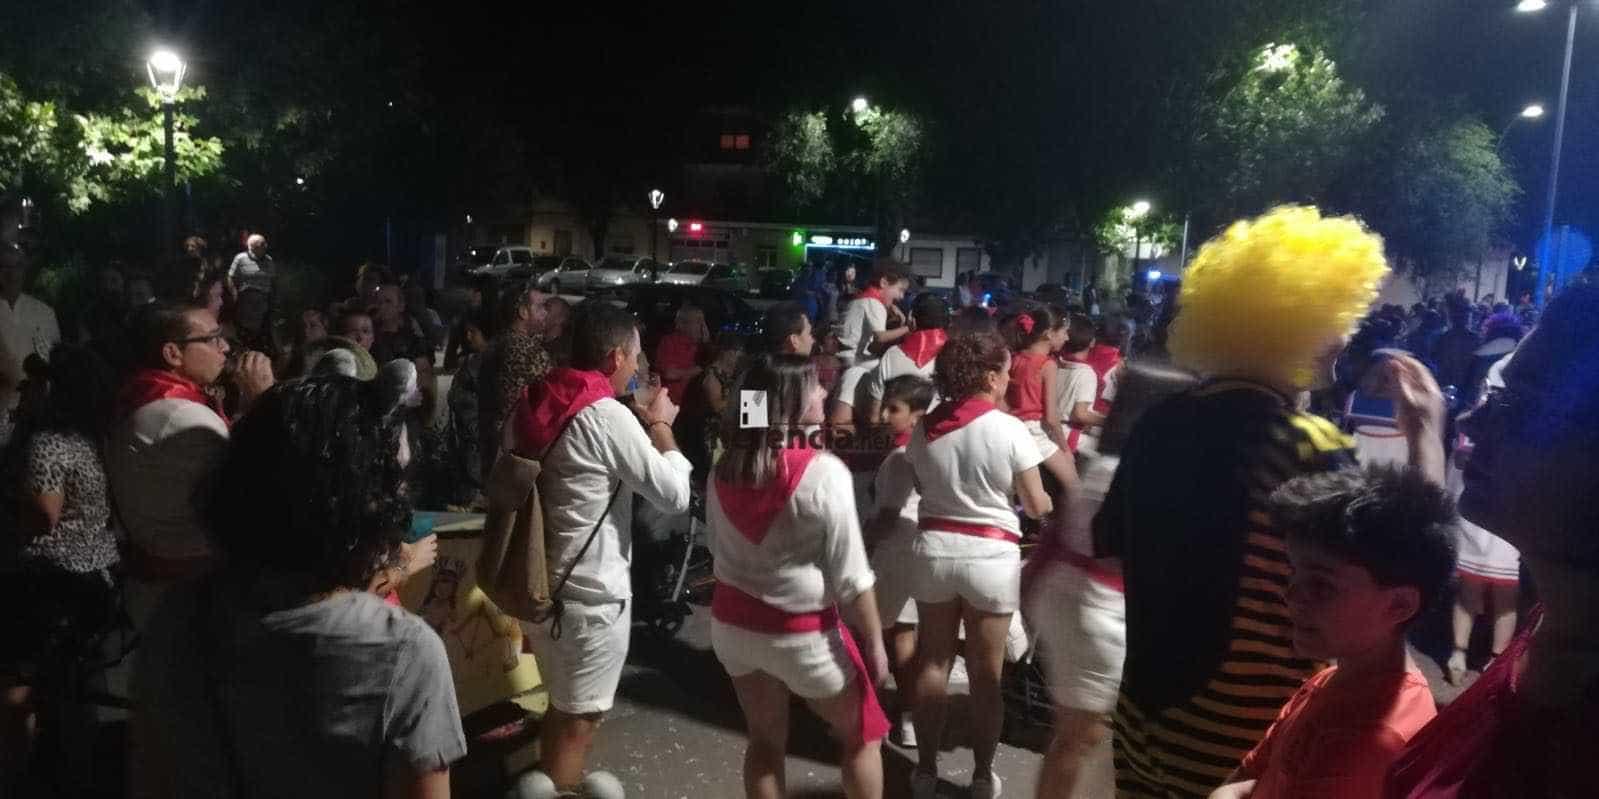 Carnaval de herencia 2019 galeria 27 - Galería de fotografías del Carnaval de Verano 2019